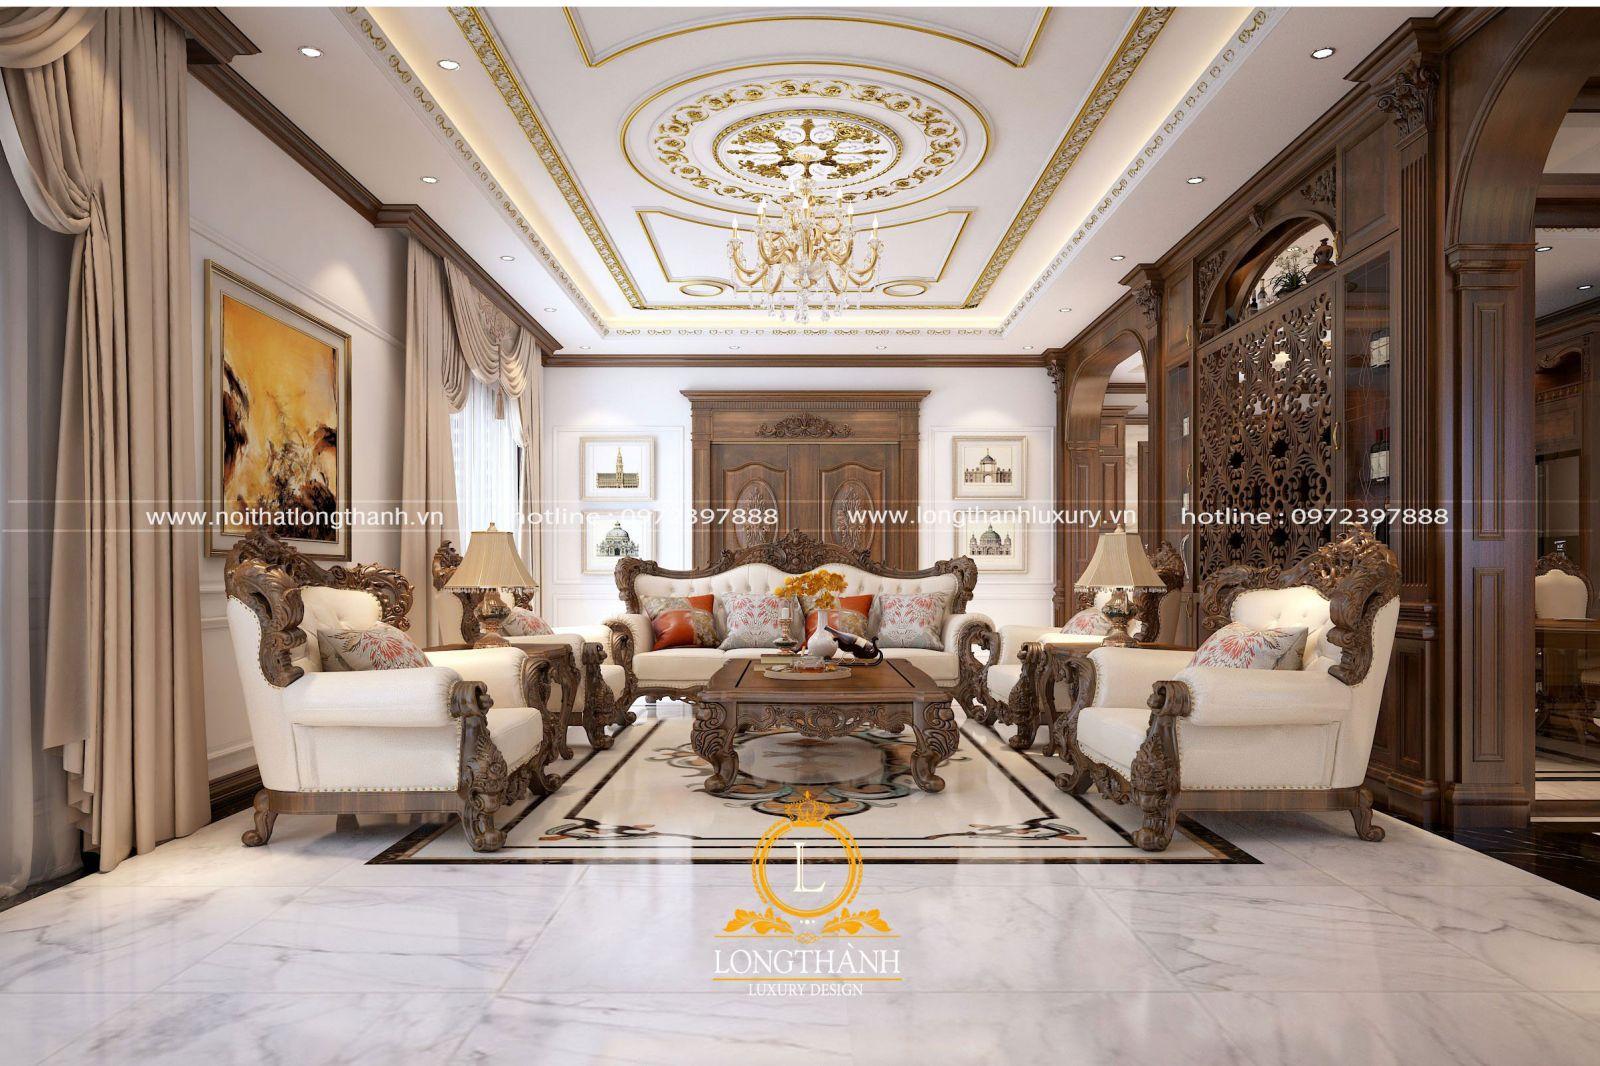 Thiết kế nội thất phòng khách sử dụng trần liền vừa đẹp vừa sang